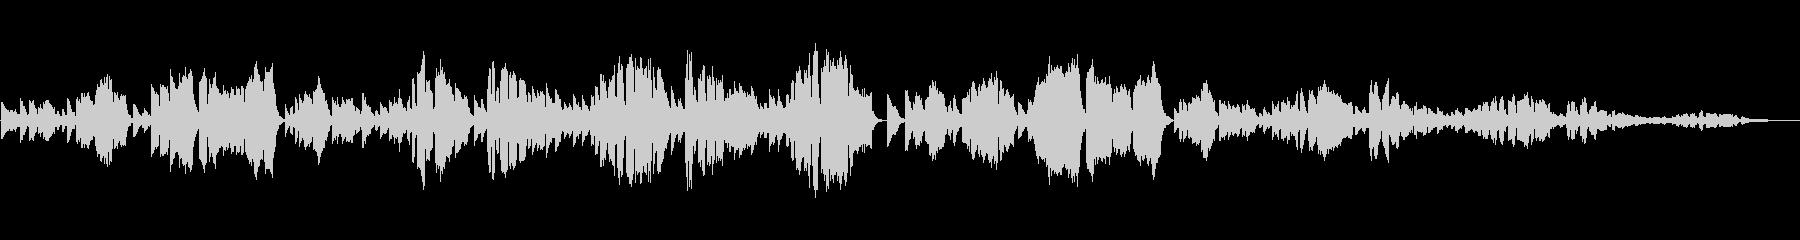 生演奏「行け透明な涙よ」ダウランド/古楽の未再生の波形